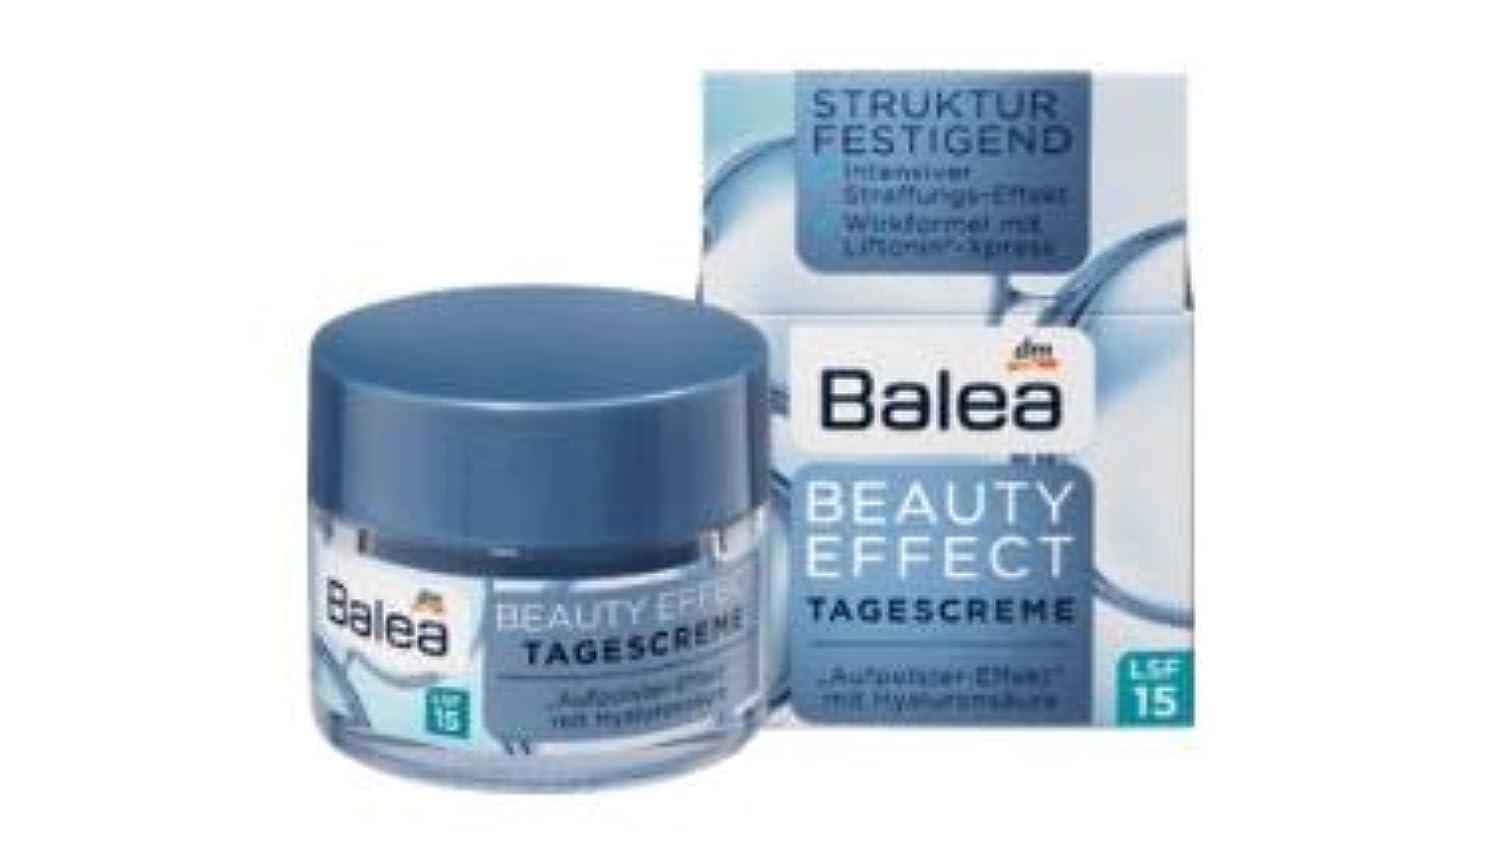 速度キラウエア山悪いBalea Day Cream デイクリーム Beauty Effect, 50 ml SPF15